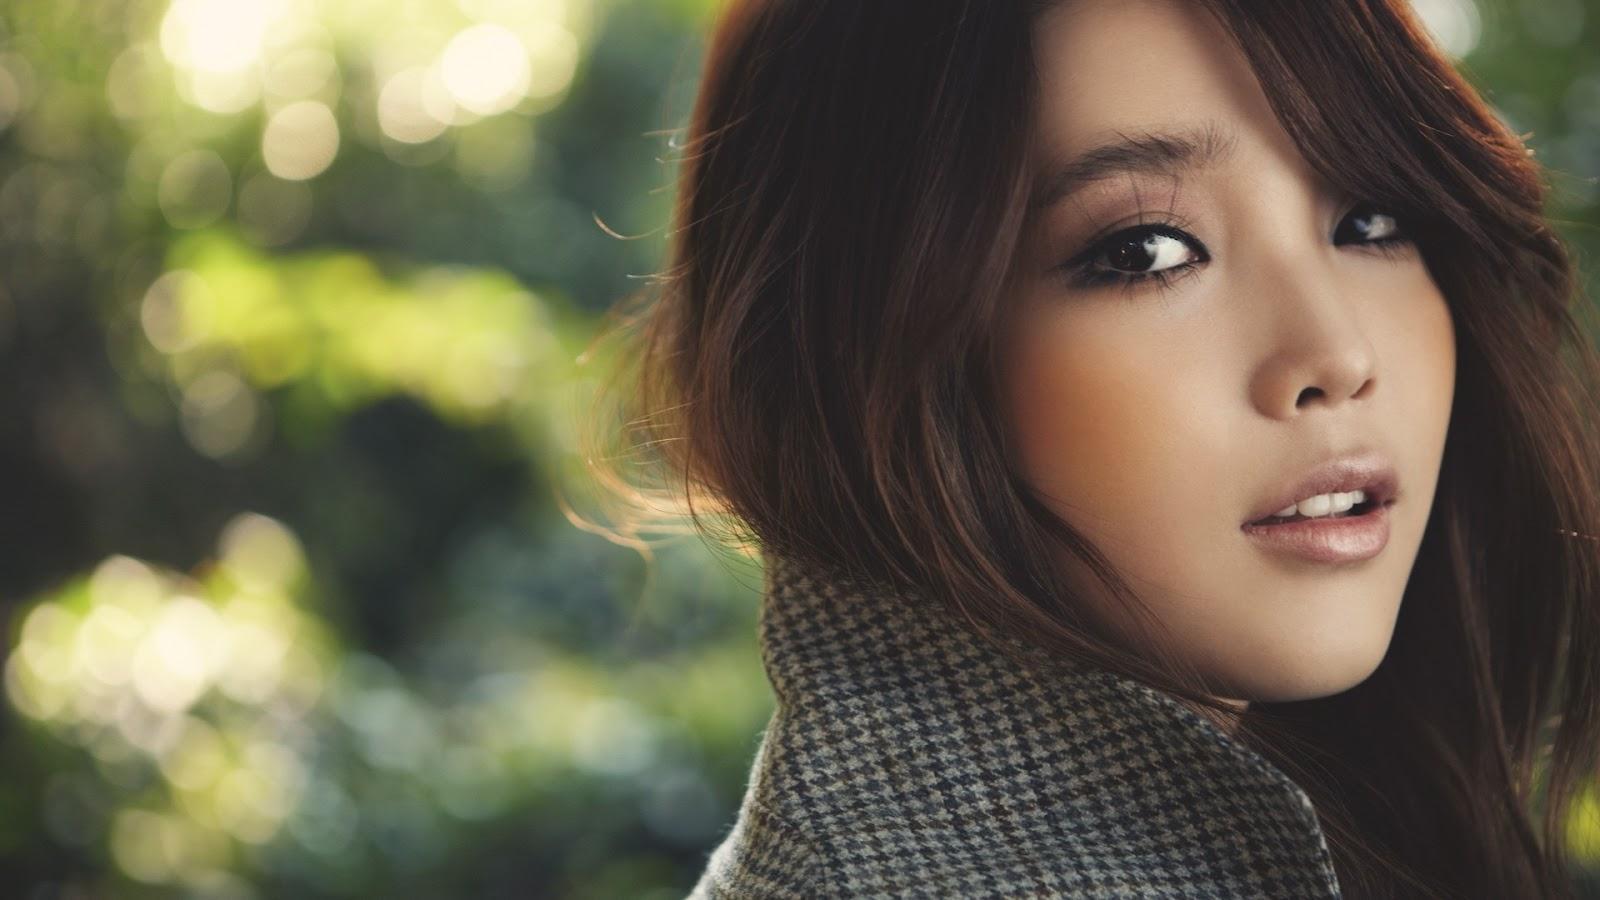 http://1.bp.blogspot.com/-yEor3SFtekw/T6qcWNrFNgI/AAAAAAAAAYE/FVuKwySSHc4/s1600/asians-girls-korean-kpop-singer-faces-desktop-1920x1080-wallpaper-background.jpg